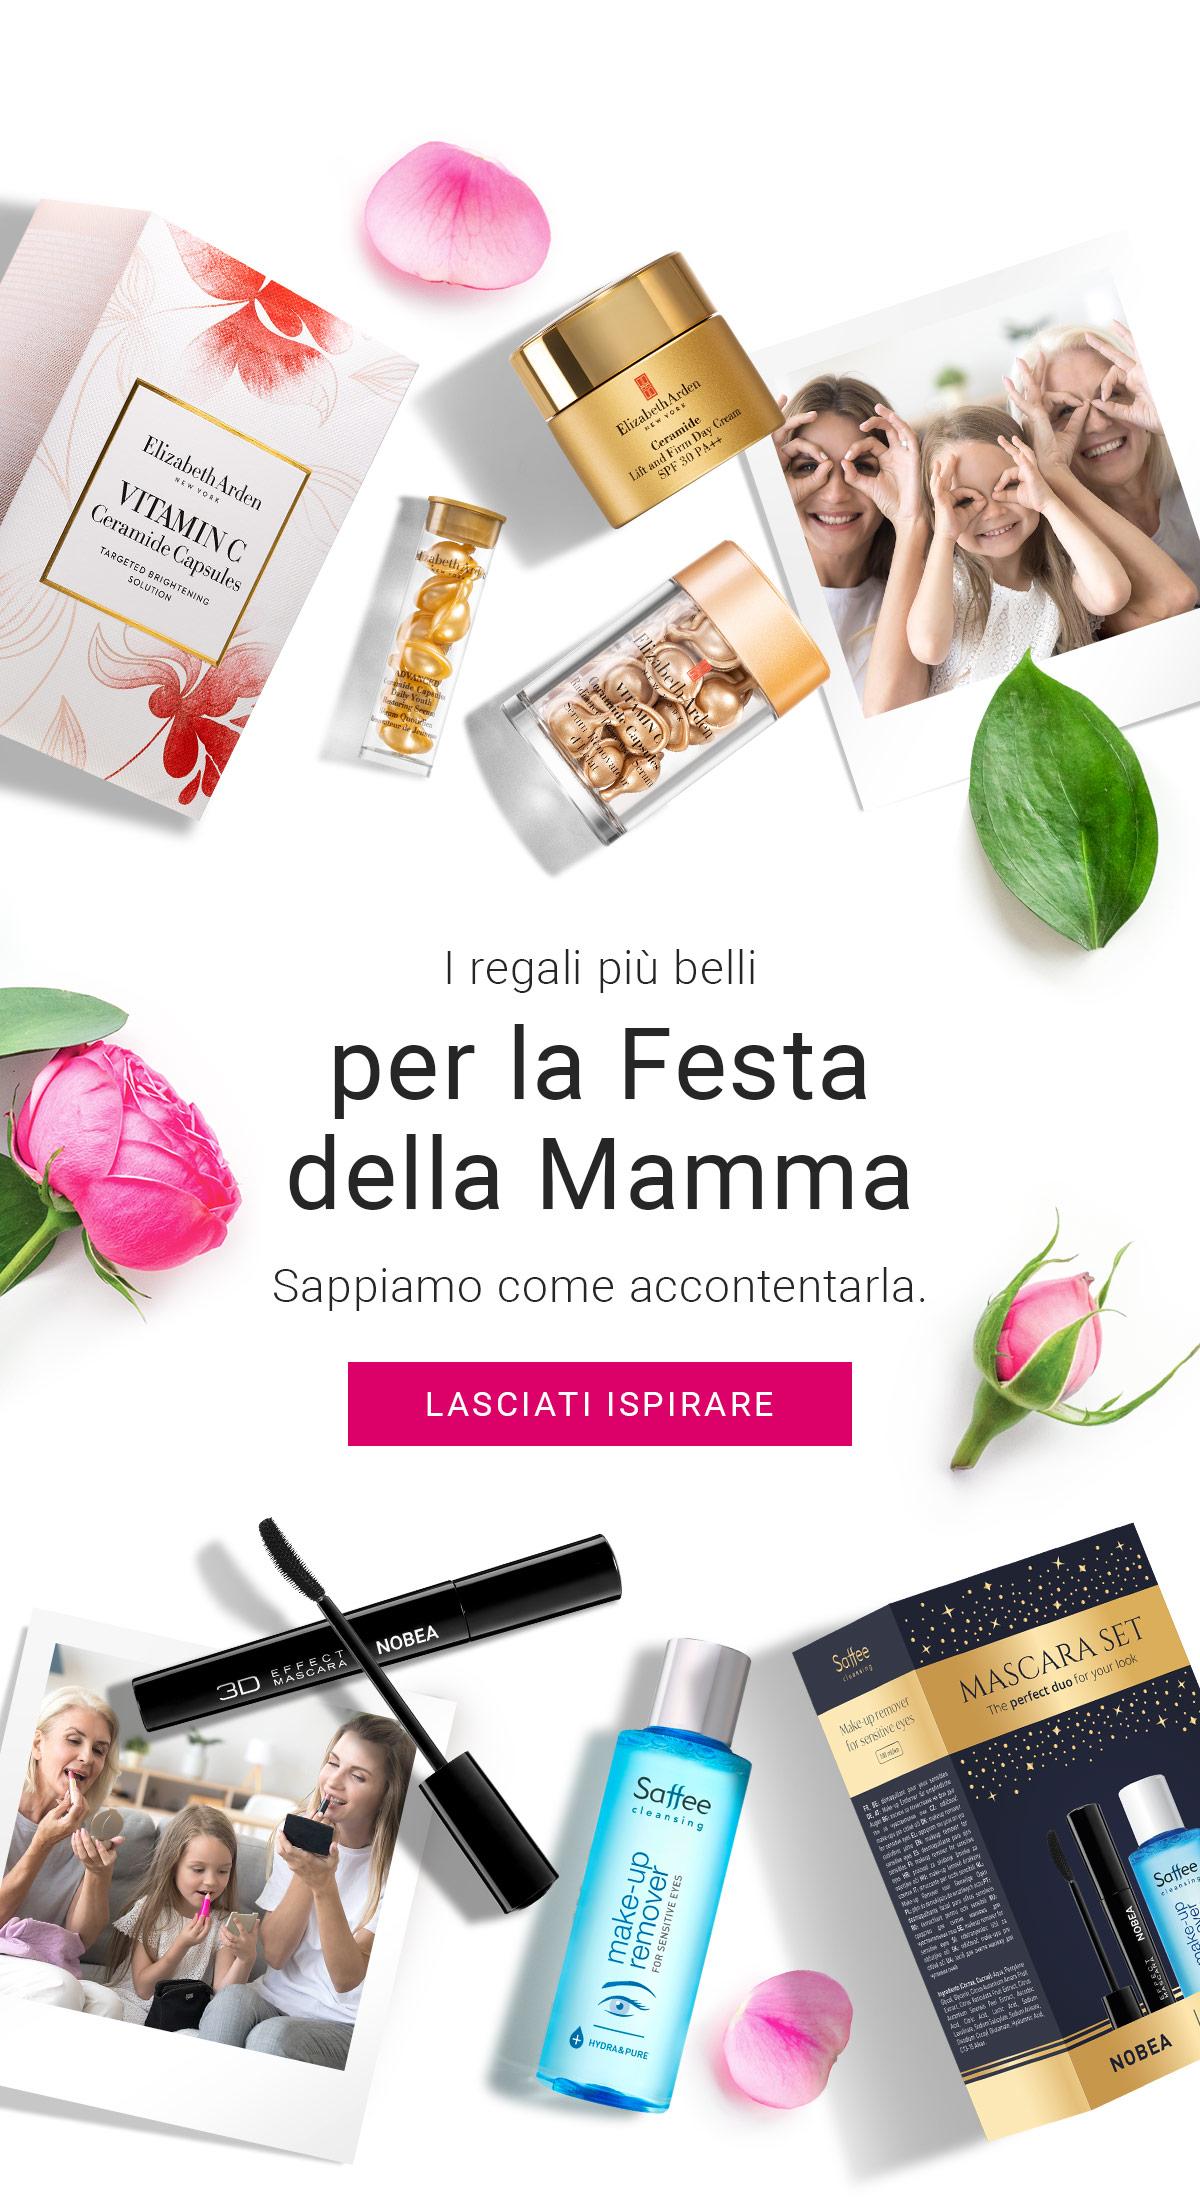 Consigli per la Festa della Mamma